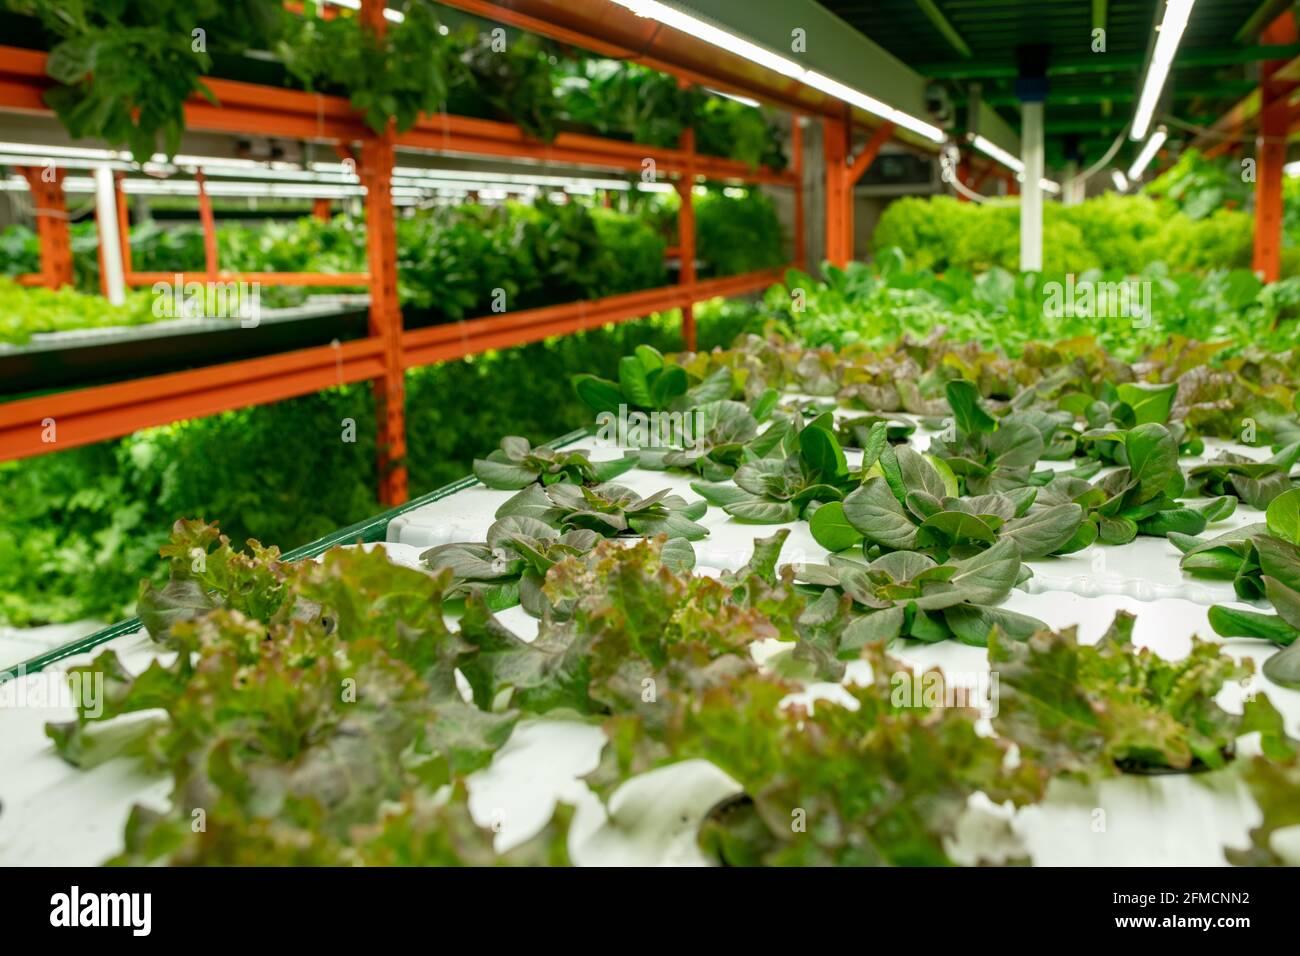 Perspective du basilic et de la laitue verts croissant sur les étagères de construction verticale de fermes en serre Banque D'Images